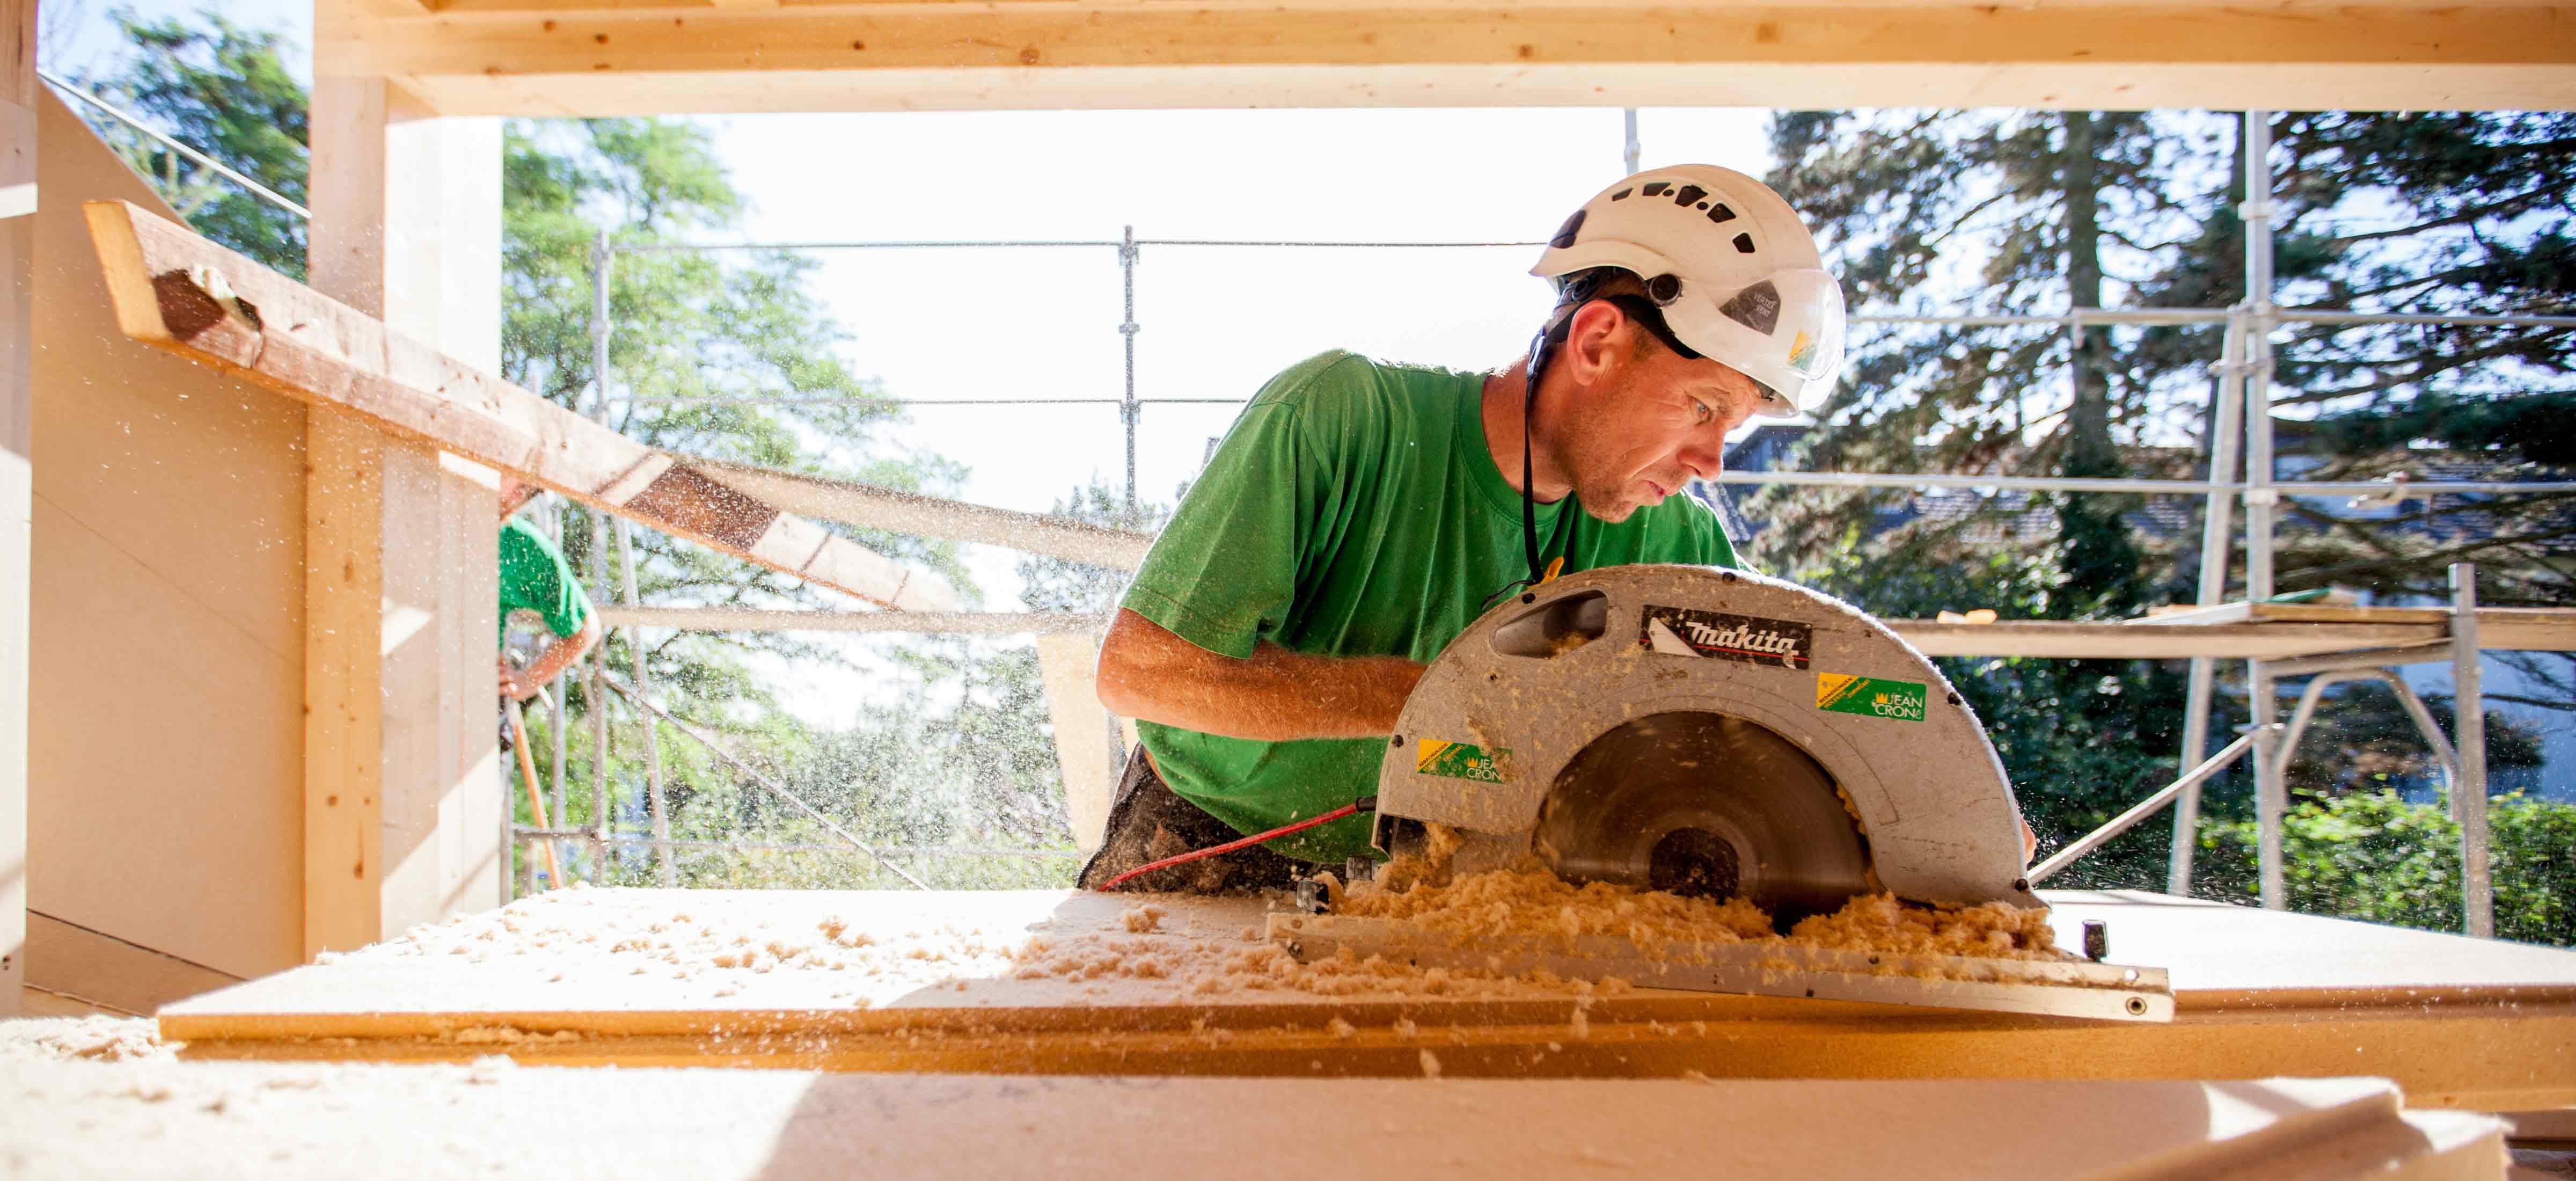 Holz für den Holzbau Dachausbau zuschneiden